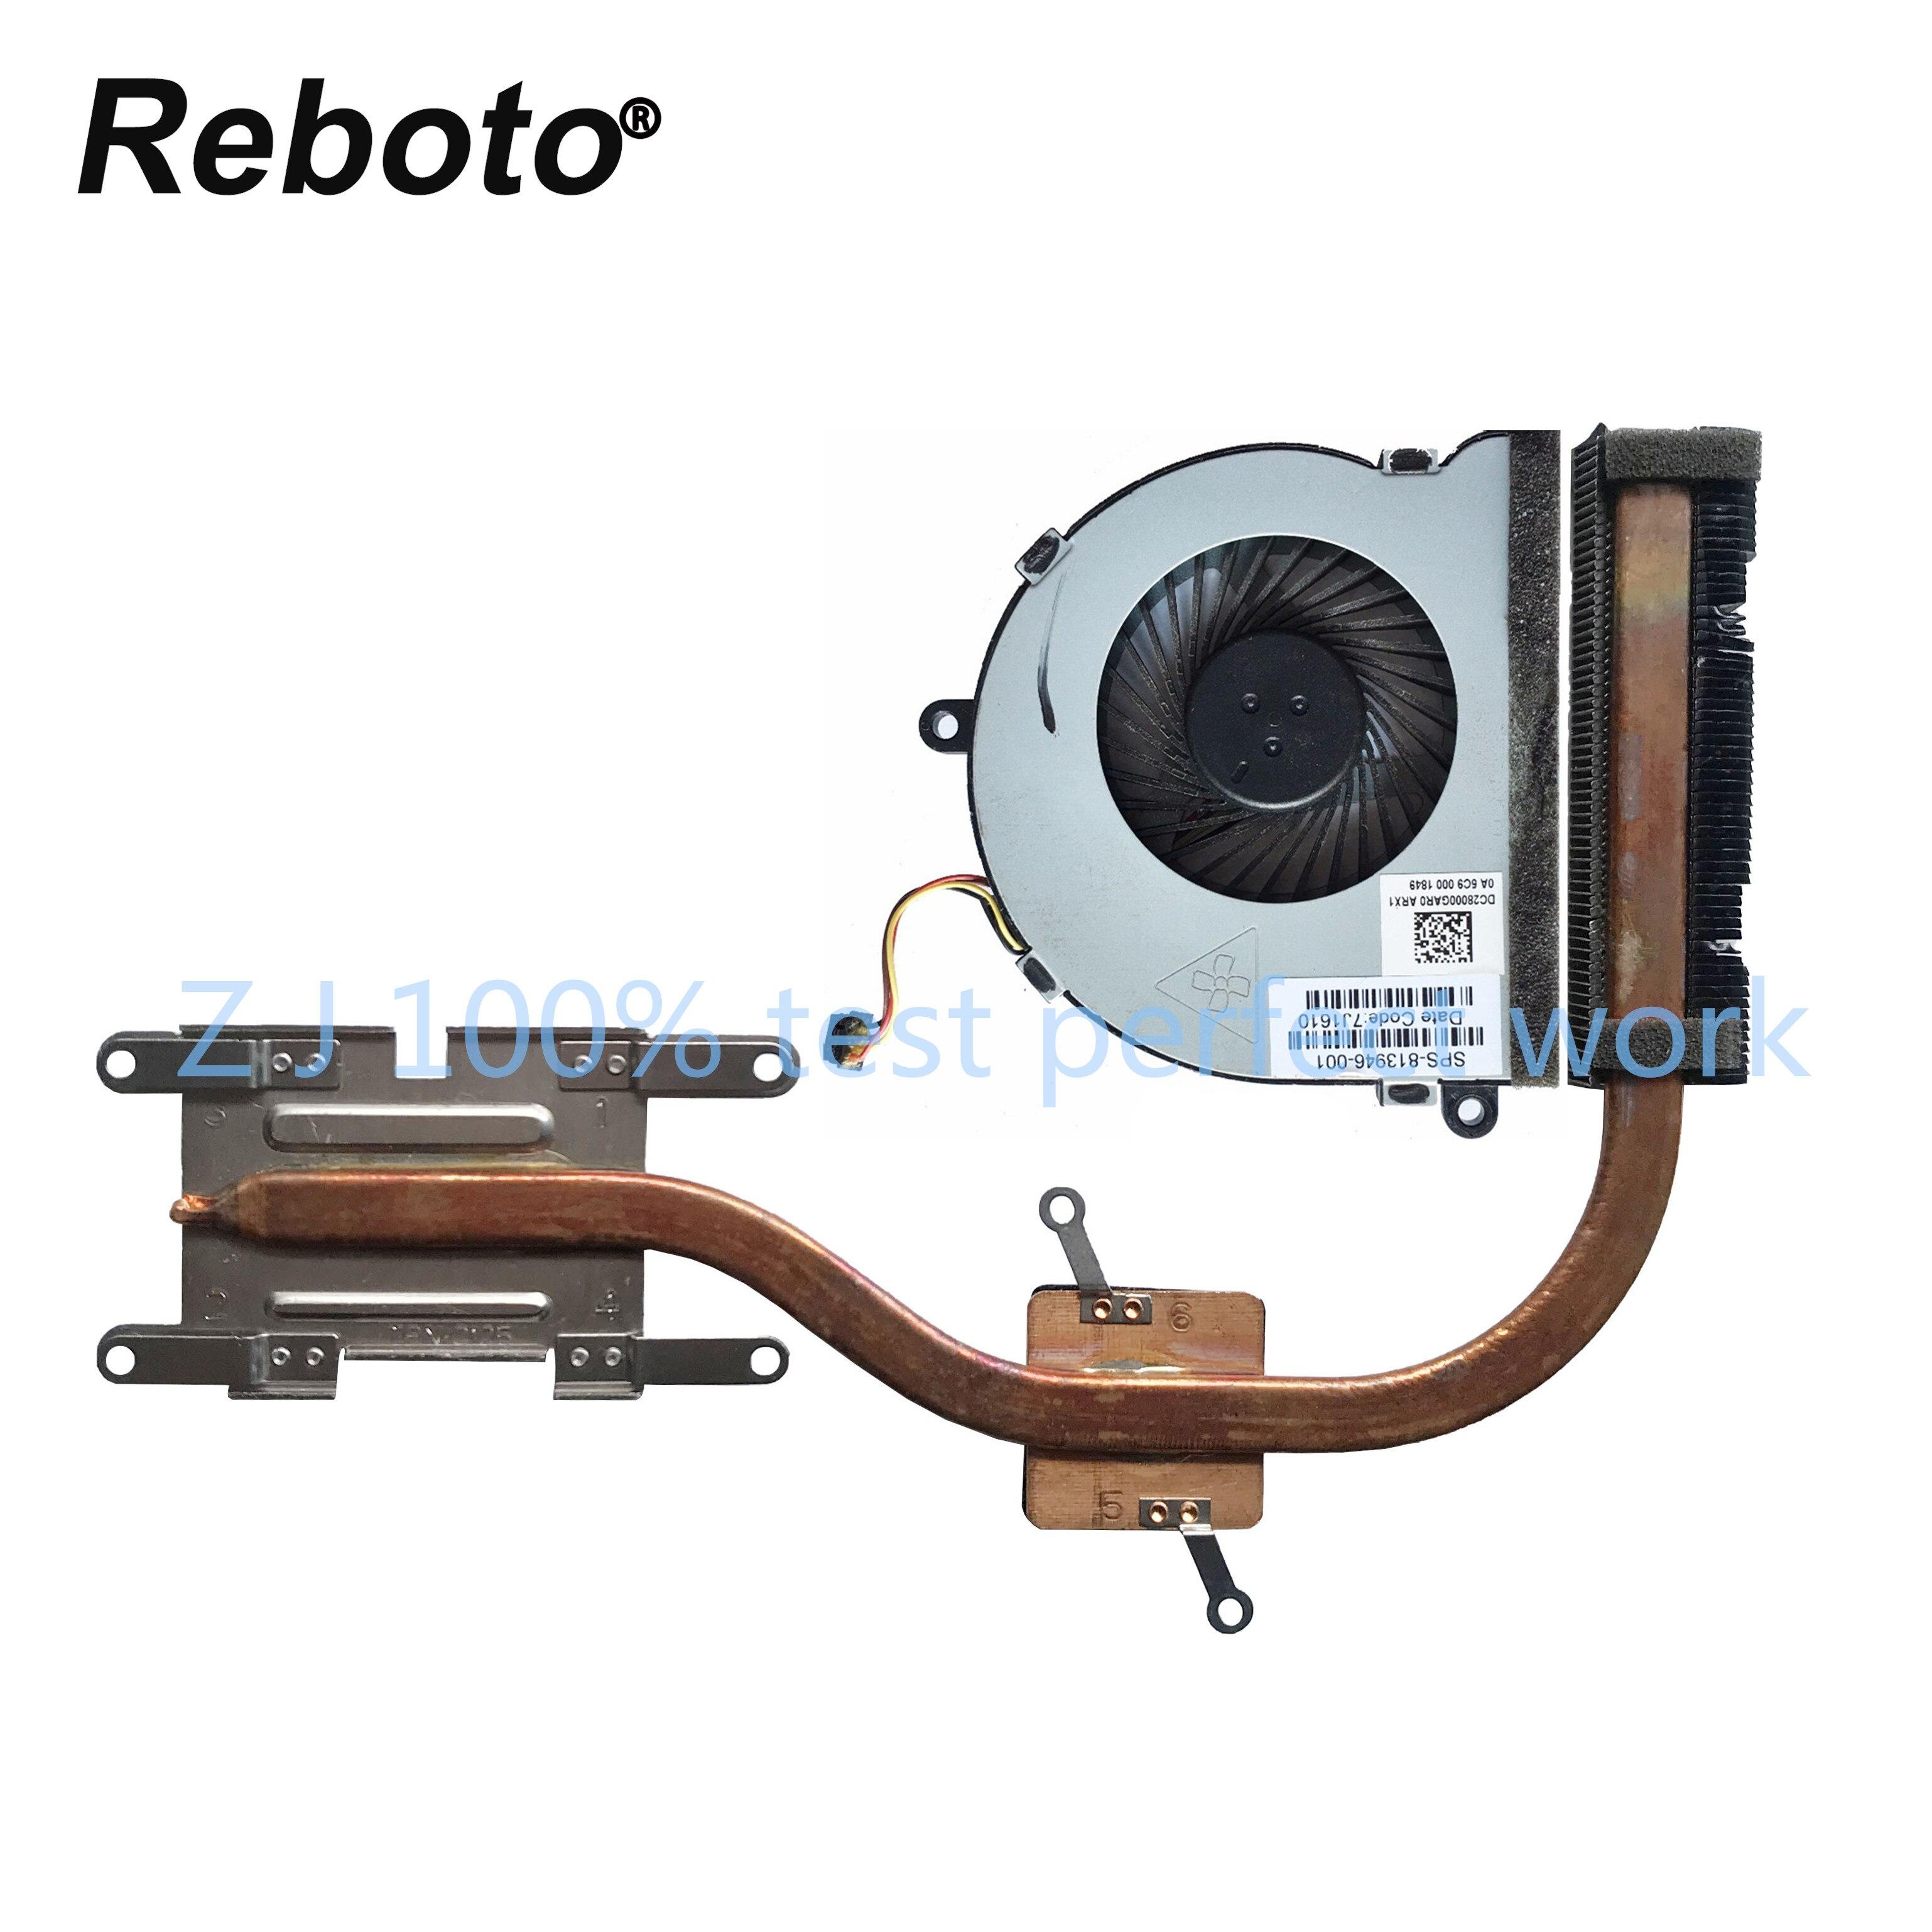 LPH Replacement CPU Fan for HP 15-AF 15-AF012NR 15-AF013CL 15-AF015NR 15-AF020NR 15-AF027CL 15-AF030CA 15-AF068NR 15-AF071NR 15-AF075NR